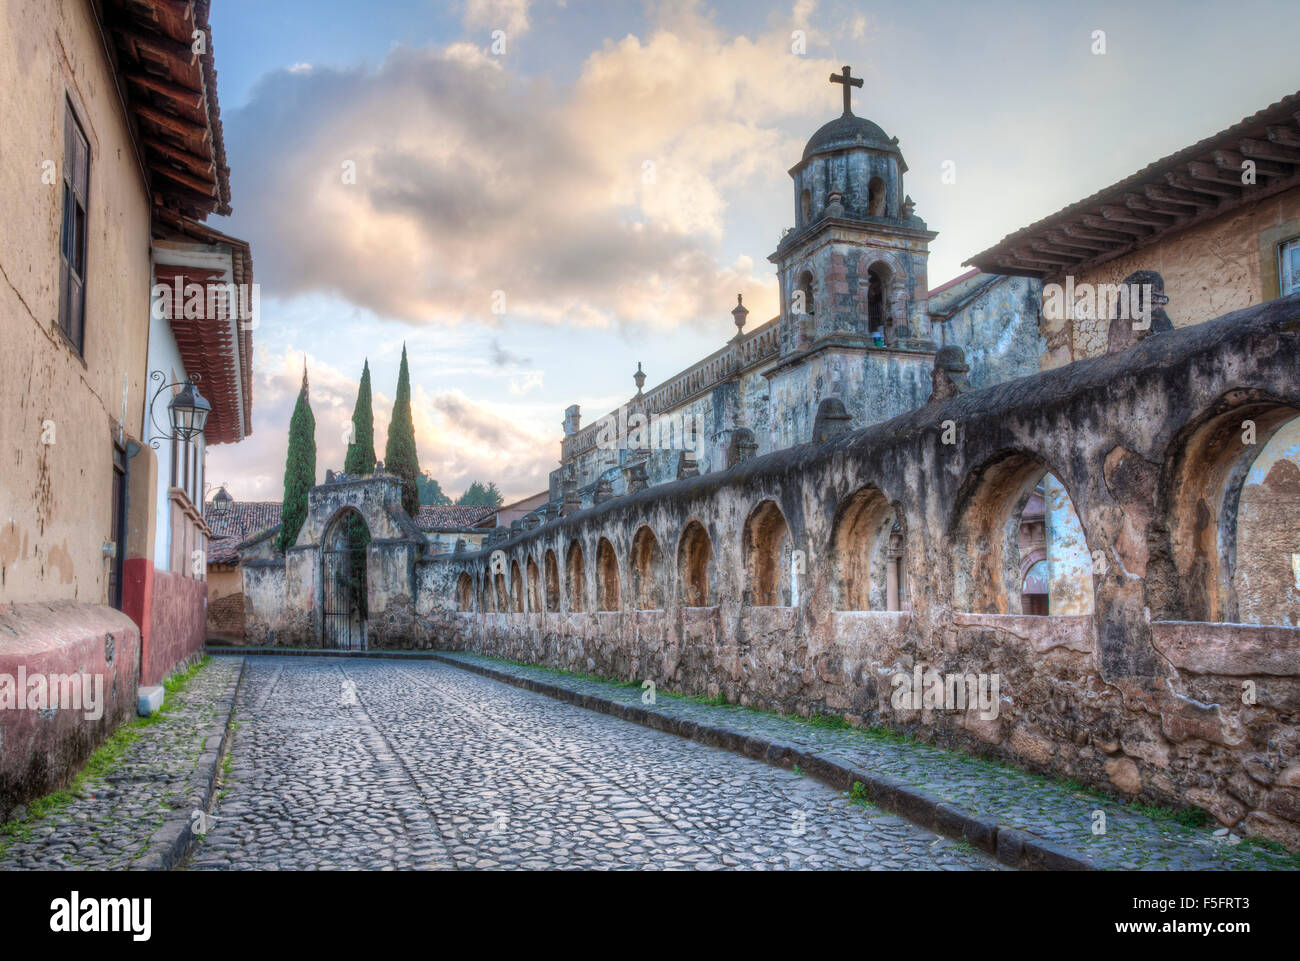 La calle de adoquines en el pueblo colonial de Pátzcuaro, Michoacán, México  Fotografía de stock - Alamy